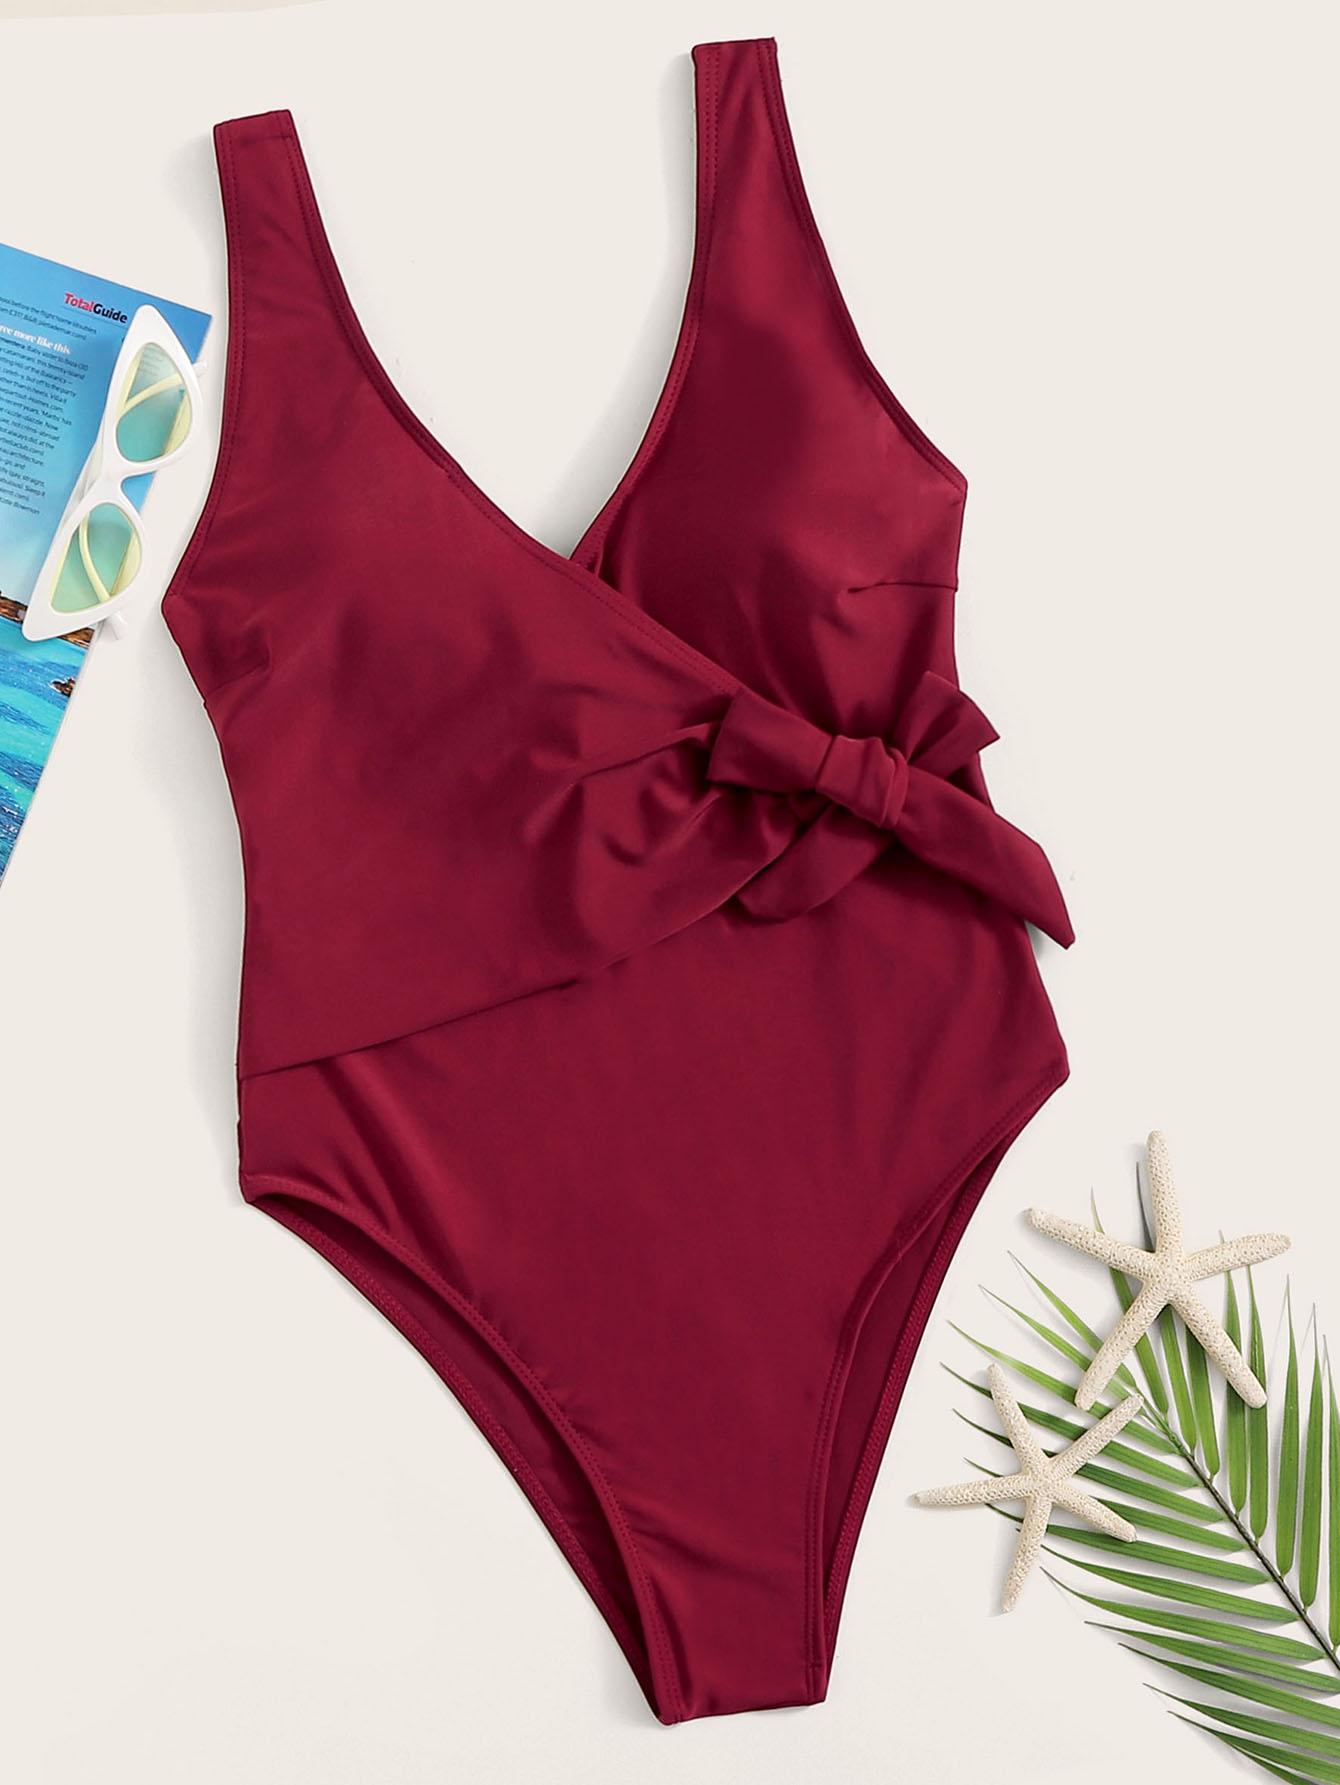 Фото - Слитный купальник с U-образной спинкой от SheIn бордового цвета